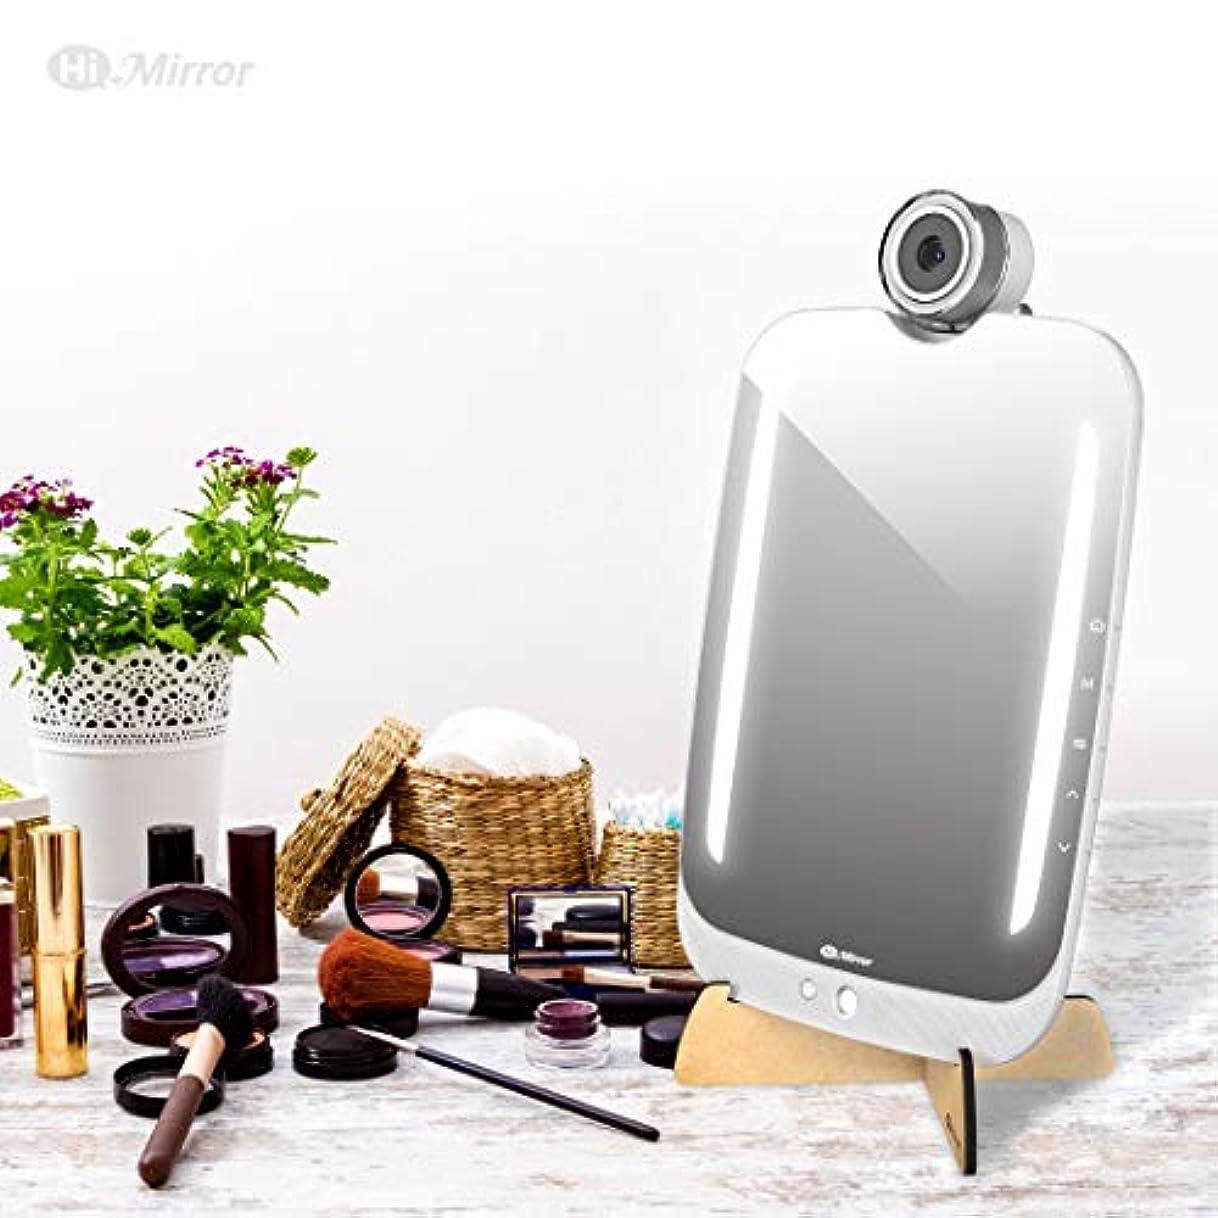 歴史家ヒョウインペリアルHiMirrorプラス-デバイス型ビューティミラー、メイクアップシミュレーションAR新機能搭載、高精度カメラ機能とアプリケーションによる肌分析 ホワイト BM618RC00AB